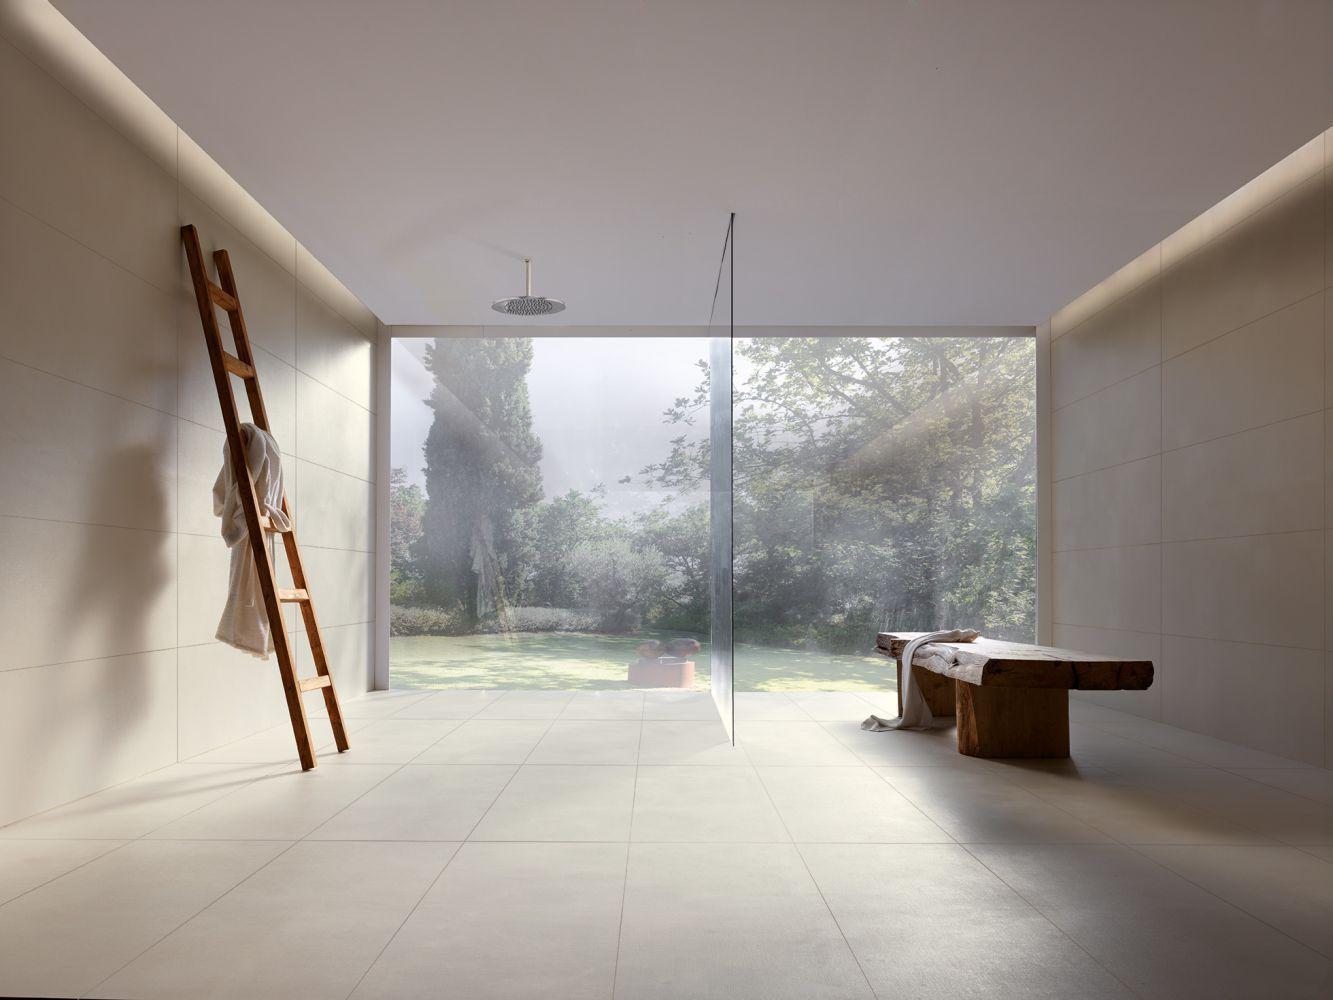 Innenraum Fliesen Wohnzimmer Fur Boden Wand Linen By Naoto